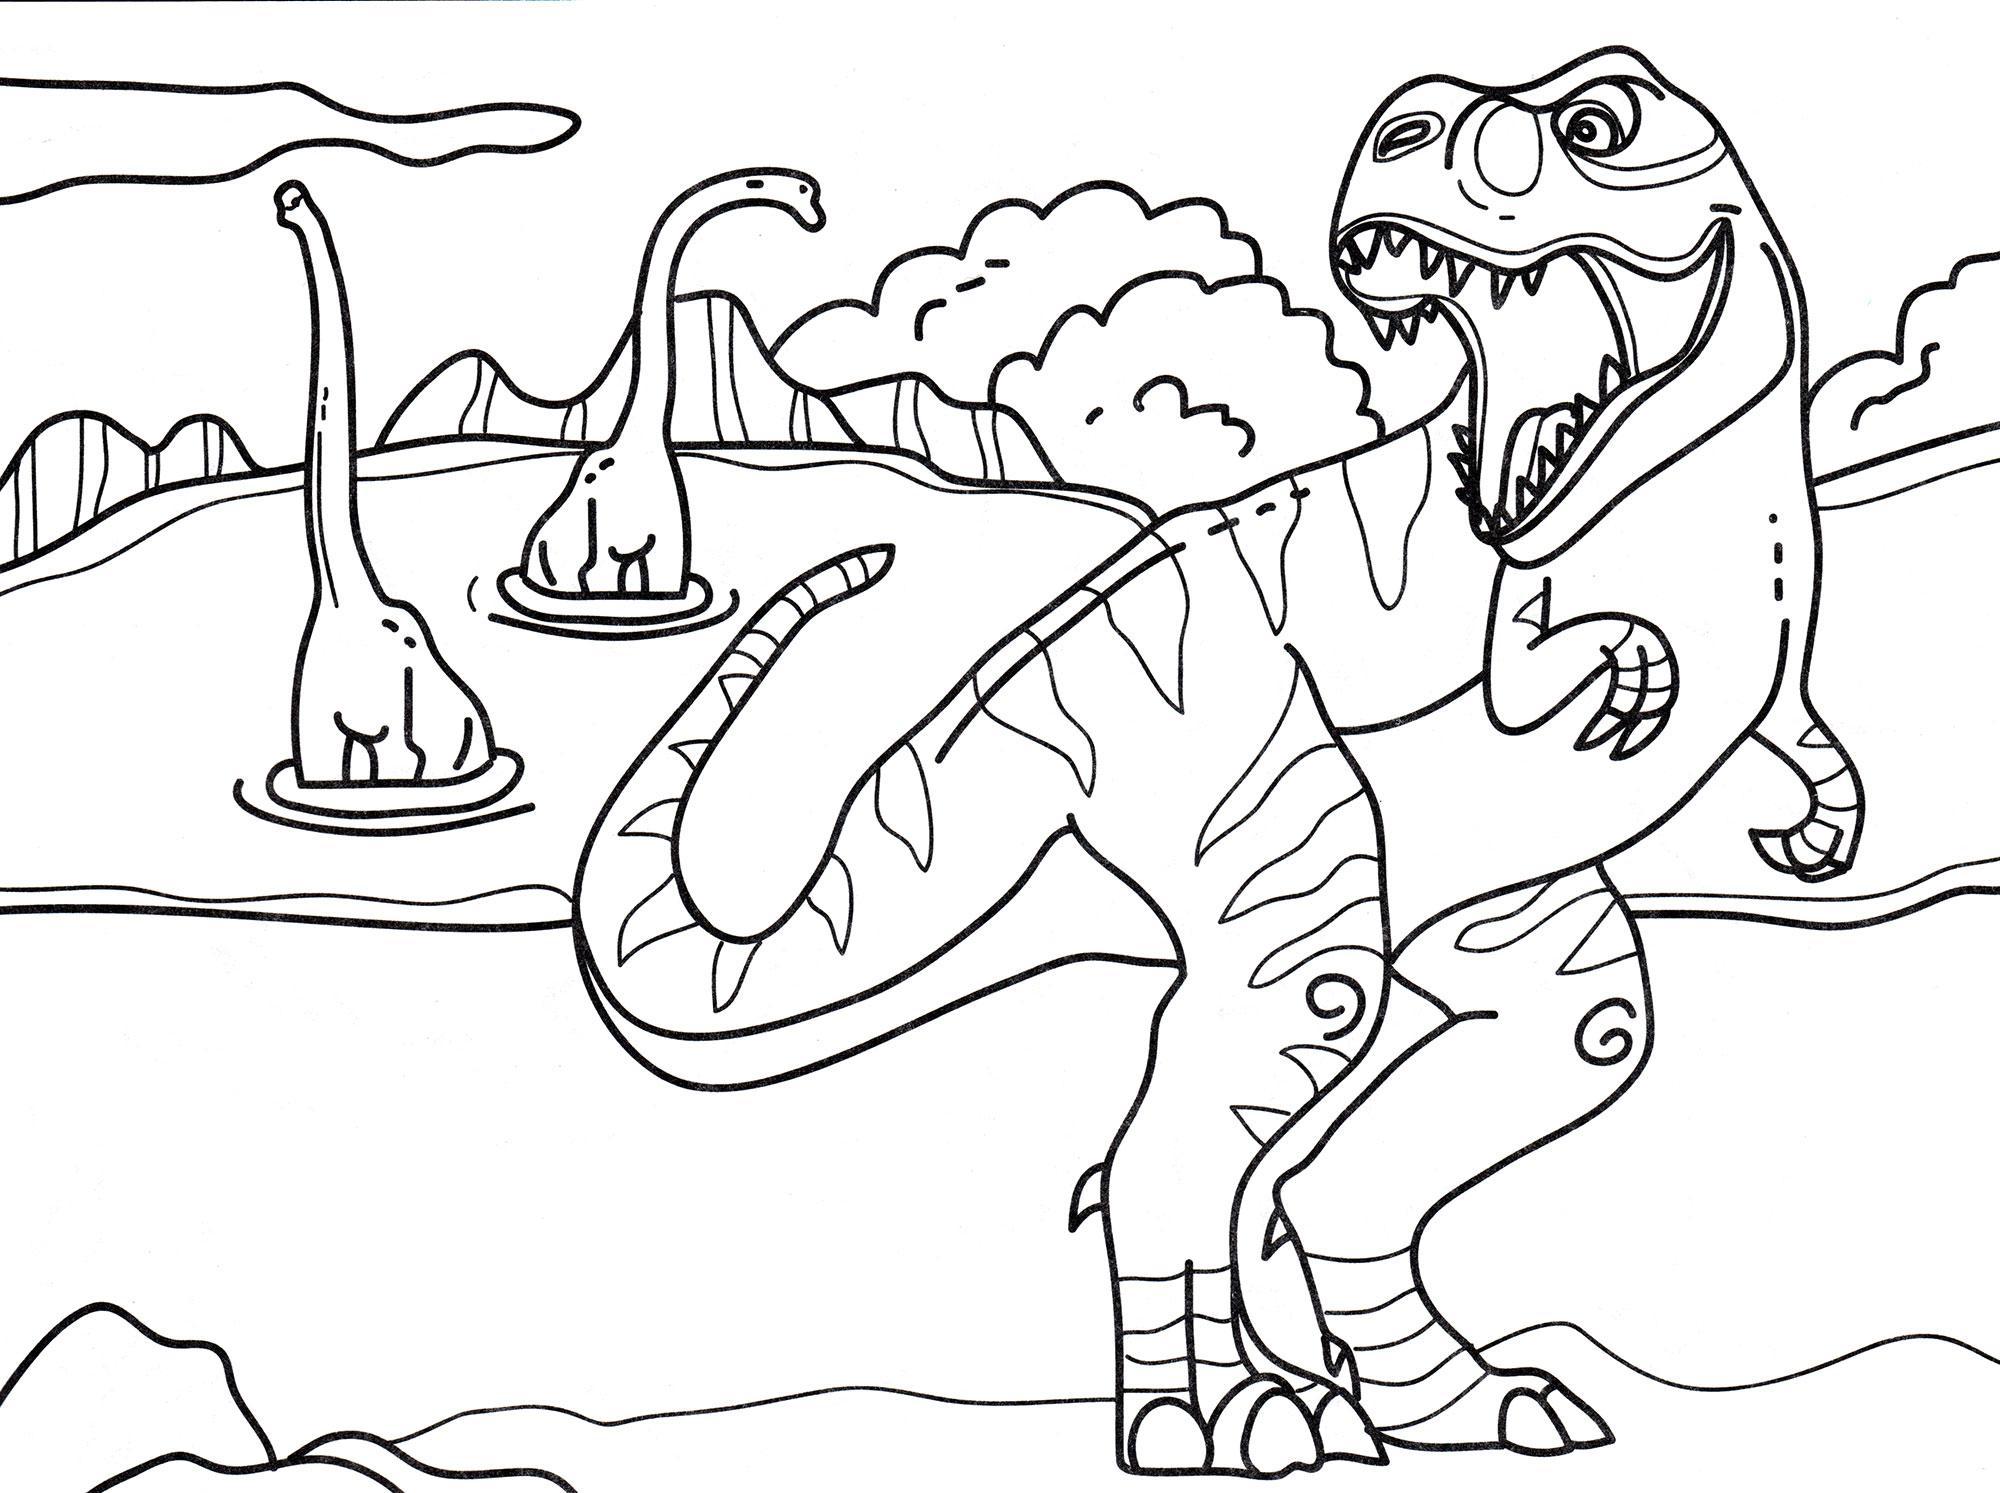 распечатать раскраски динозавров здорово, когда вся